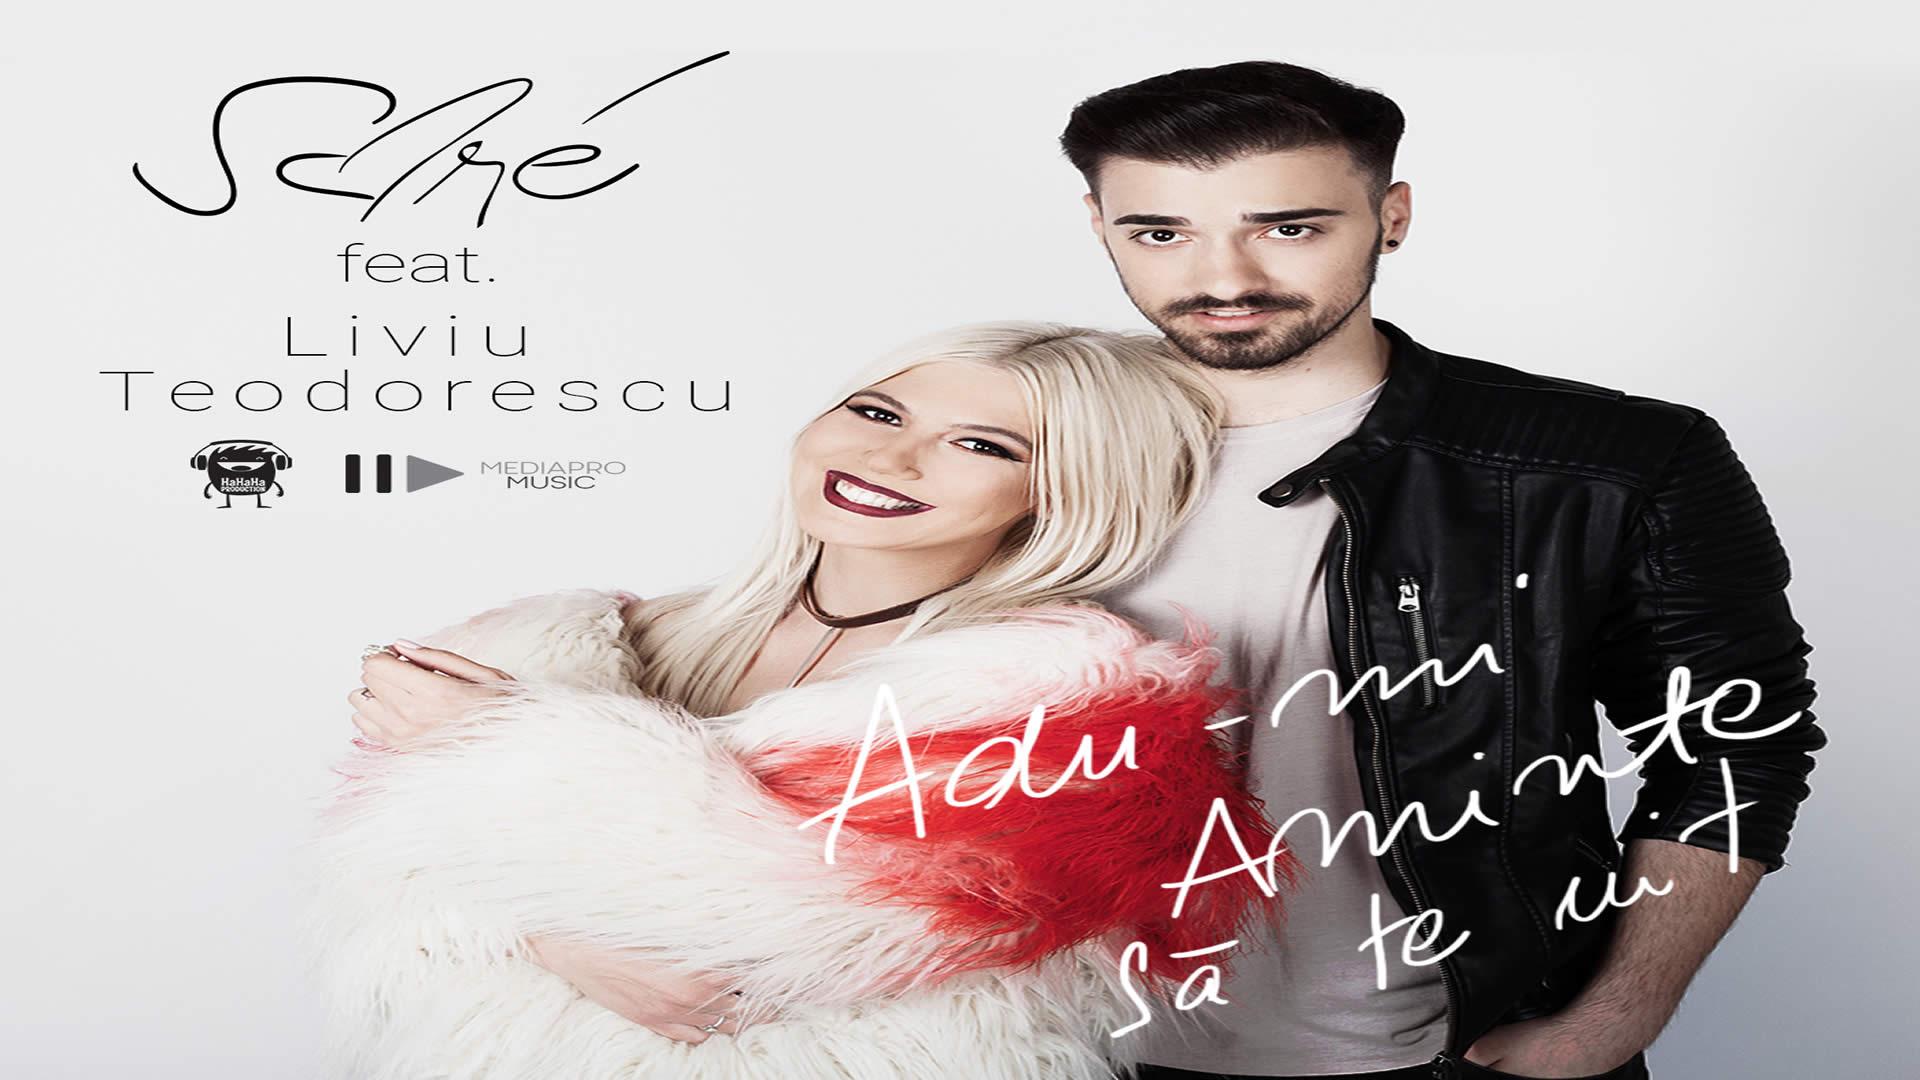 Sore feat Liviu Teodorescu - Adu-mi aminte sa te uit